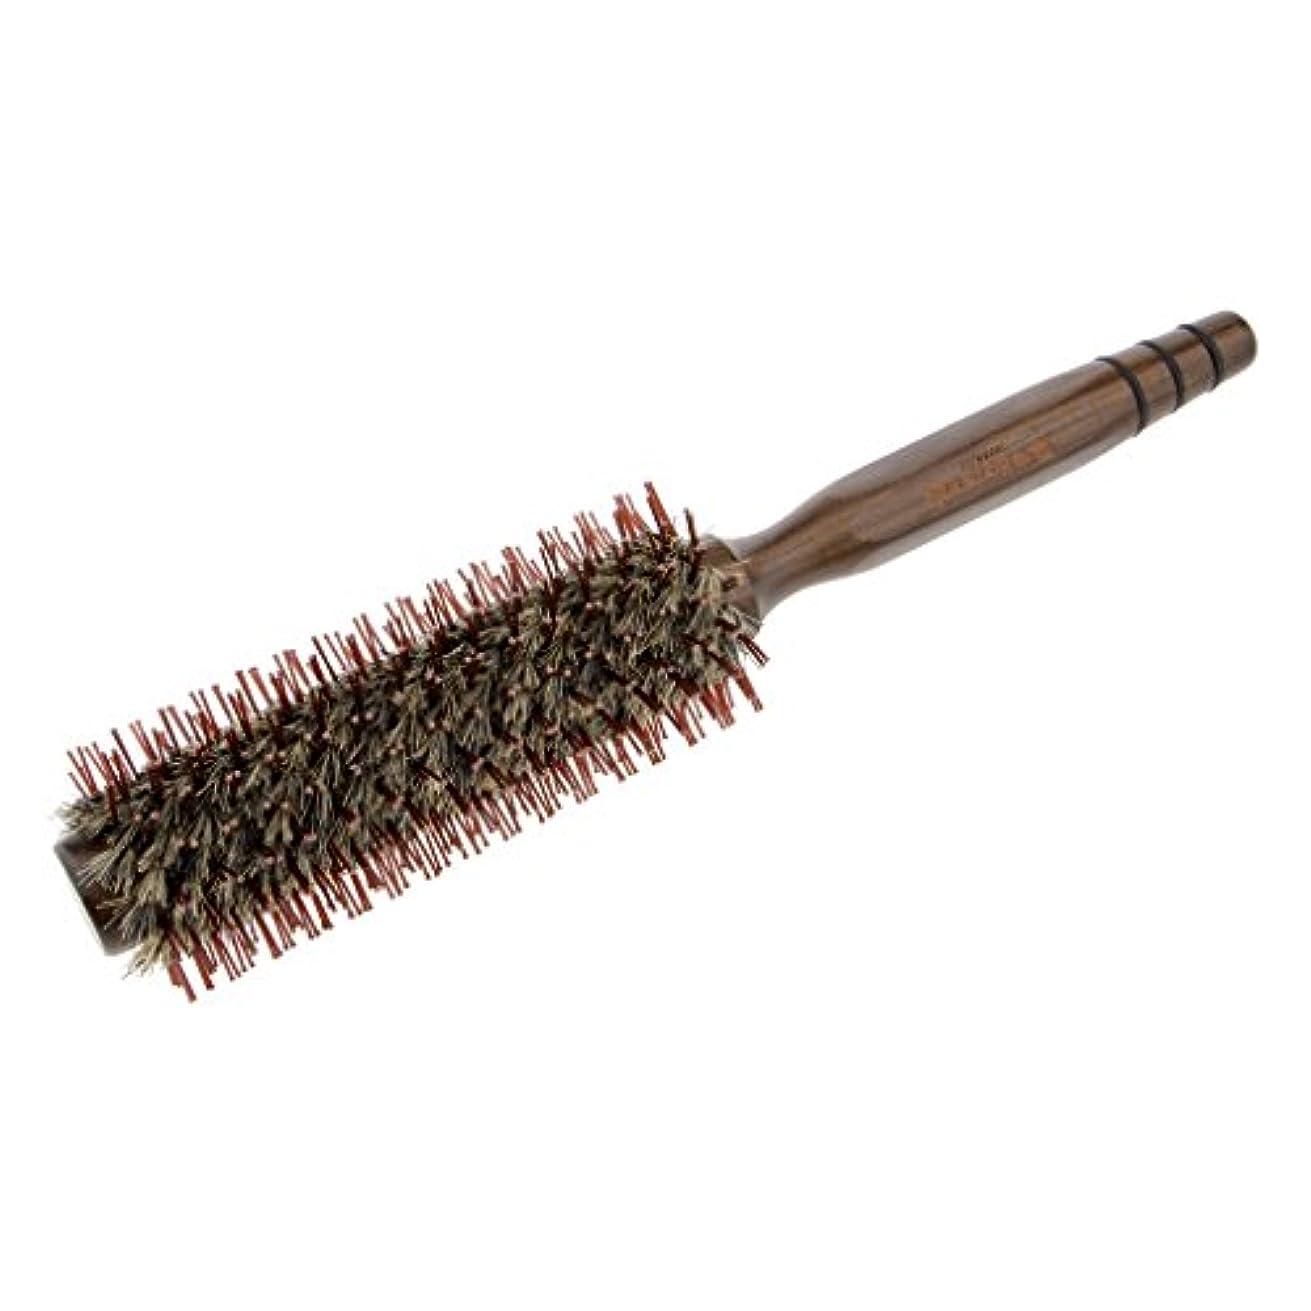 日曜日ビュッフェ傾向がある自然木製ラウンドヘアブラシカールスタイリングデタングリングロールヘアブラシ - L